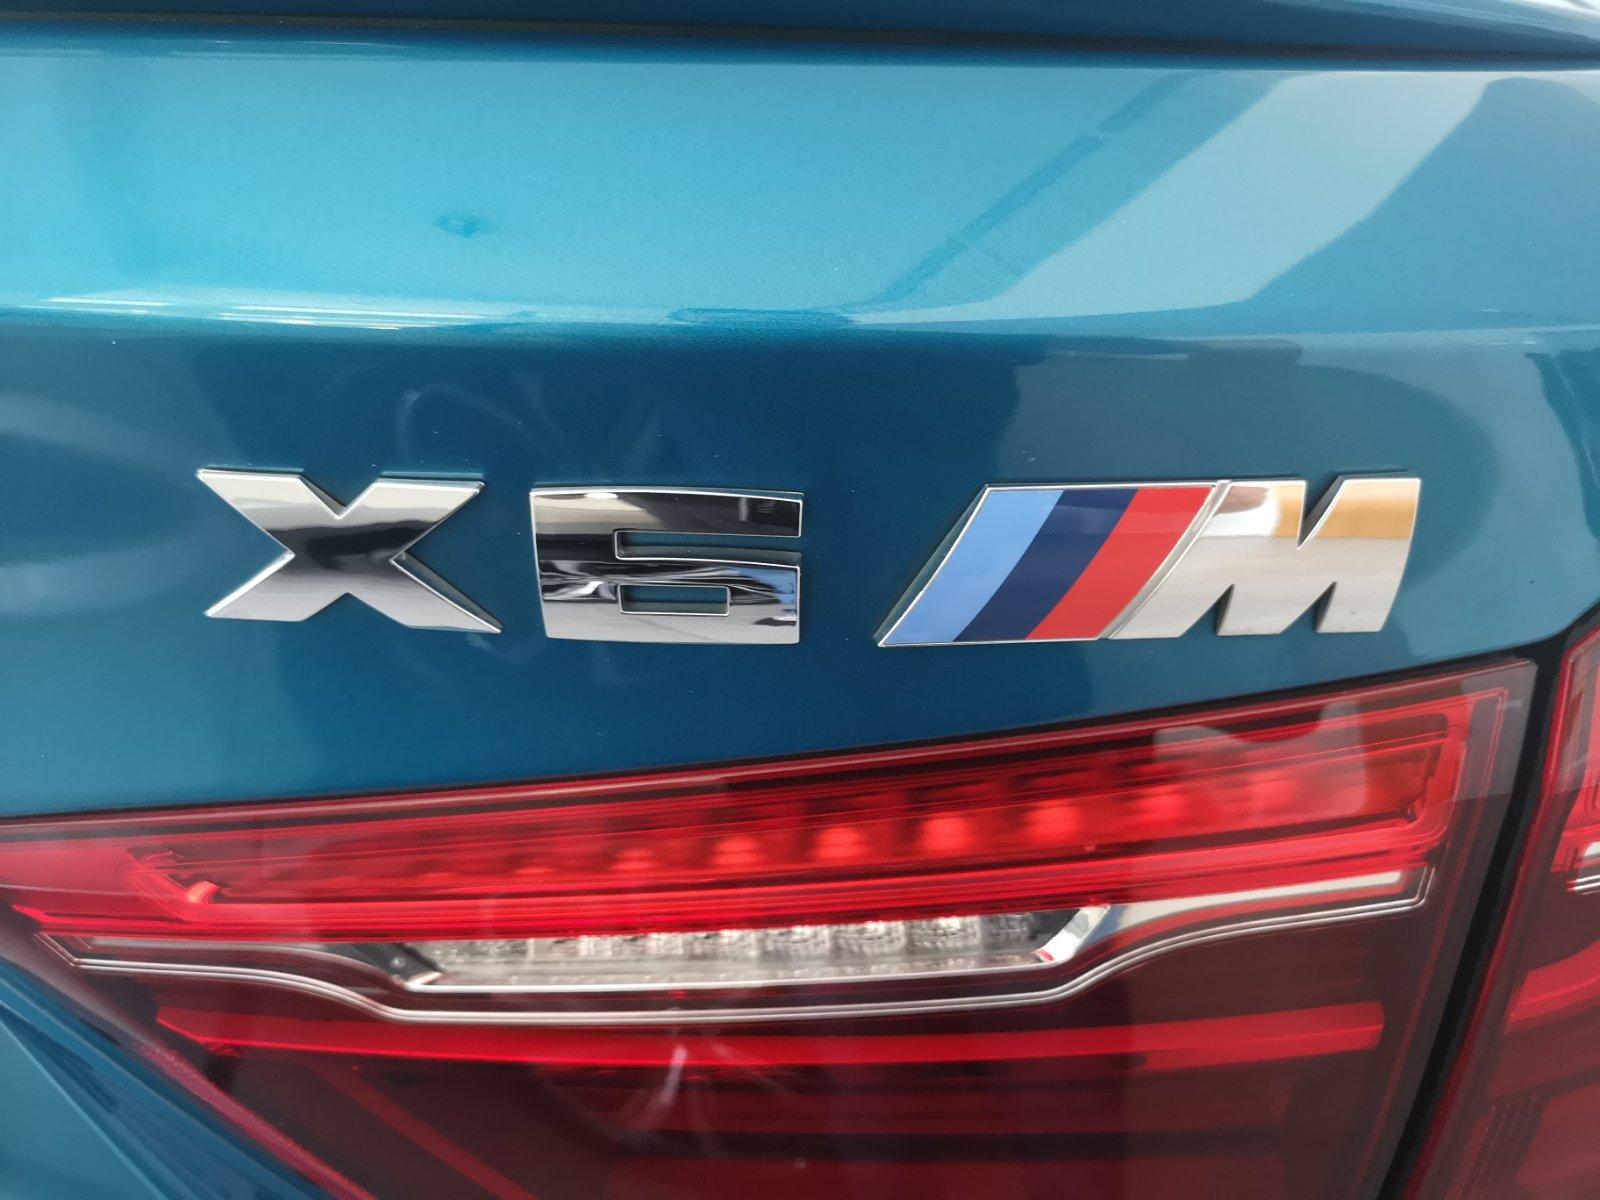 BMW X6M Performance 4.4L V8 TWIN TURBO PETROL 2018